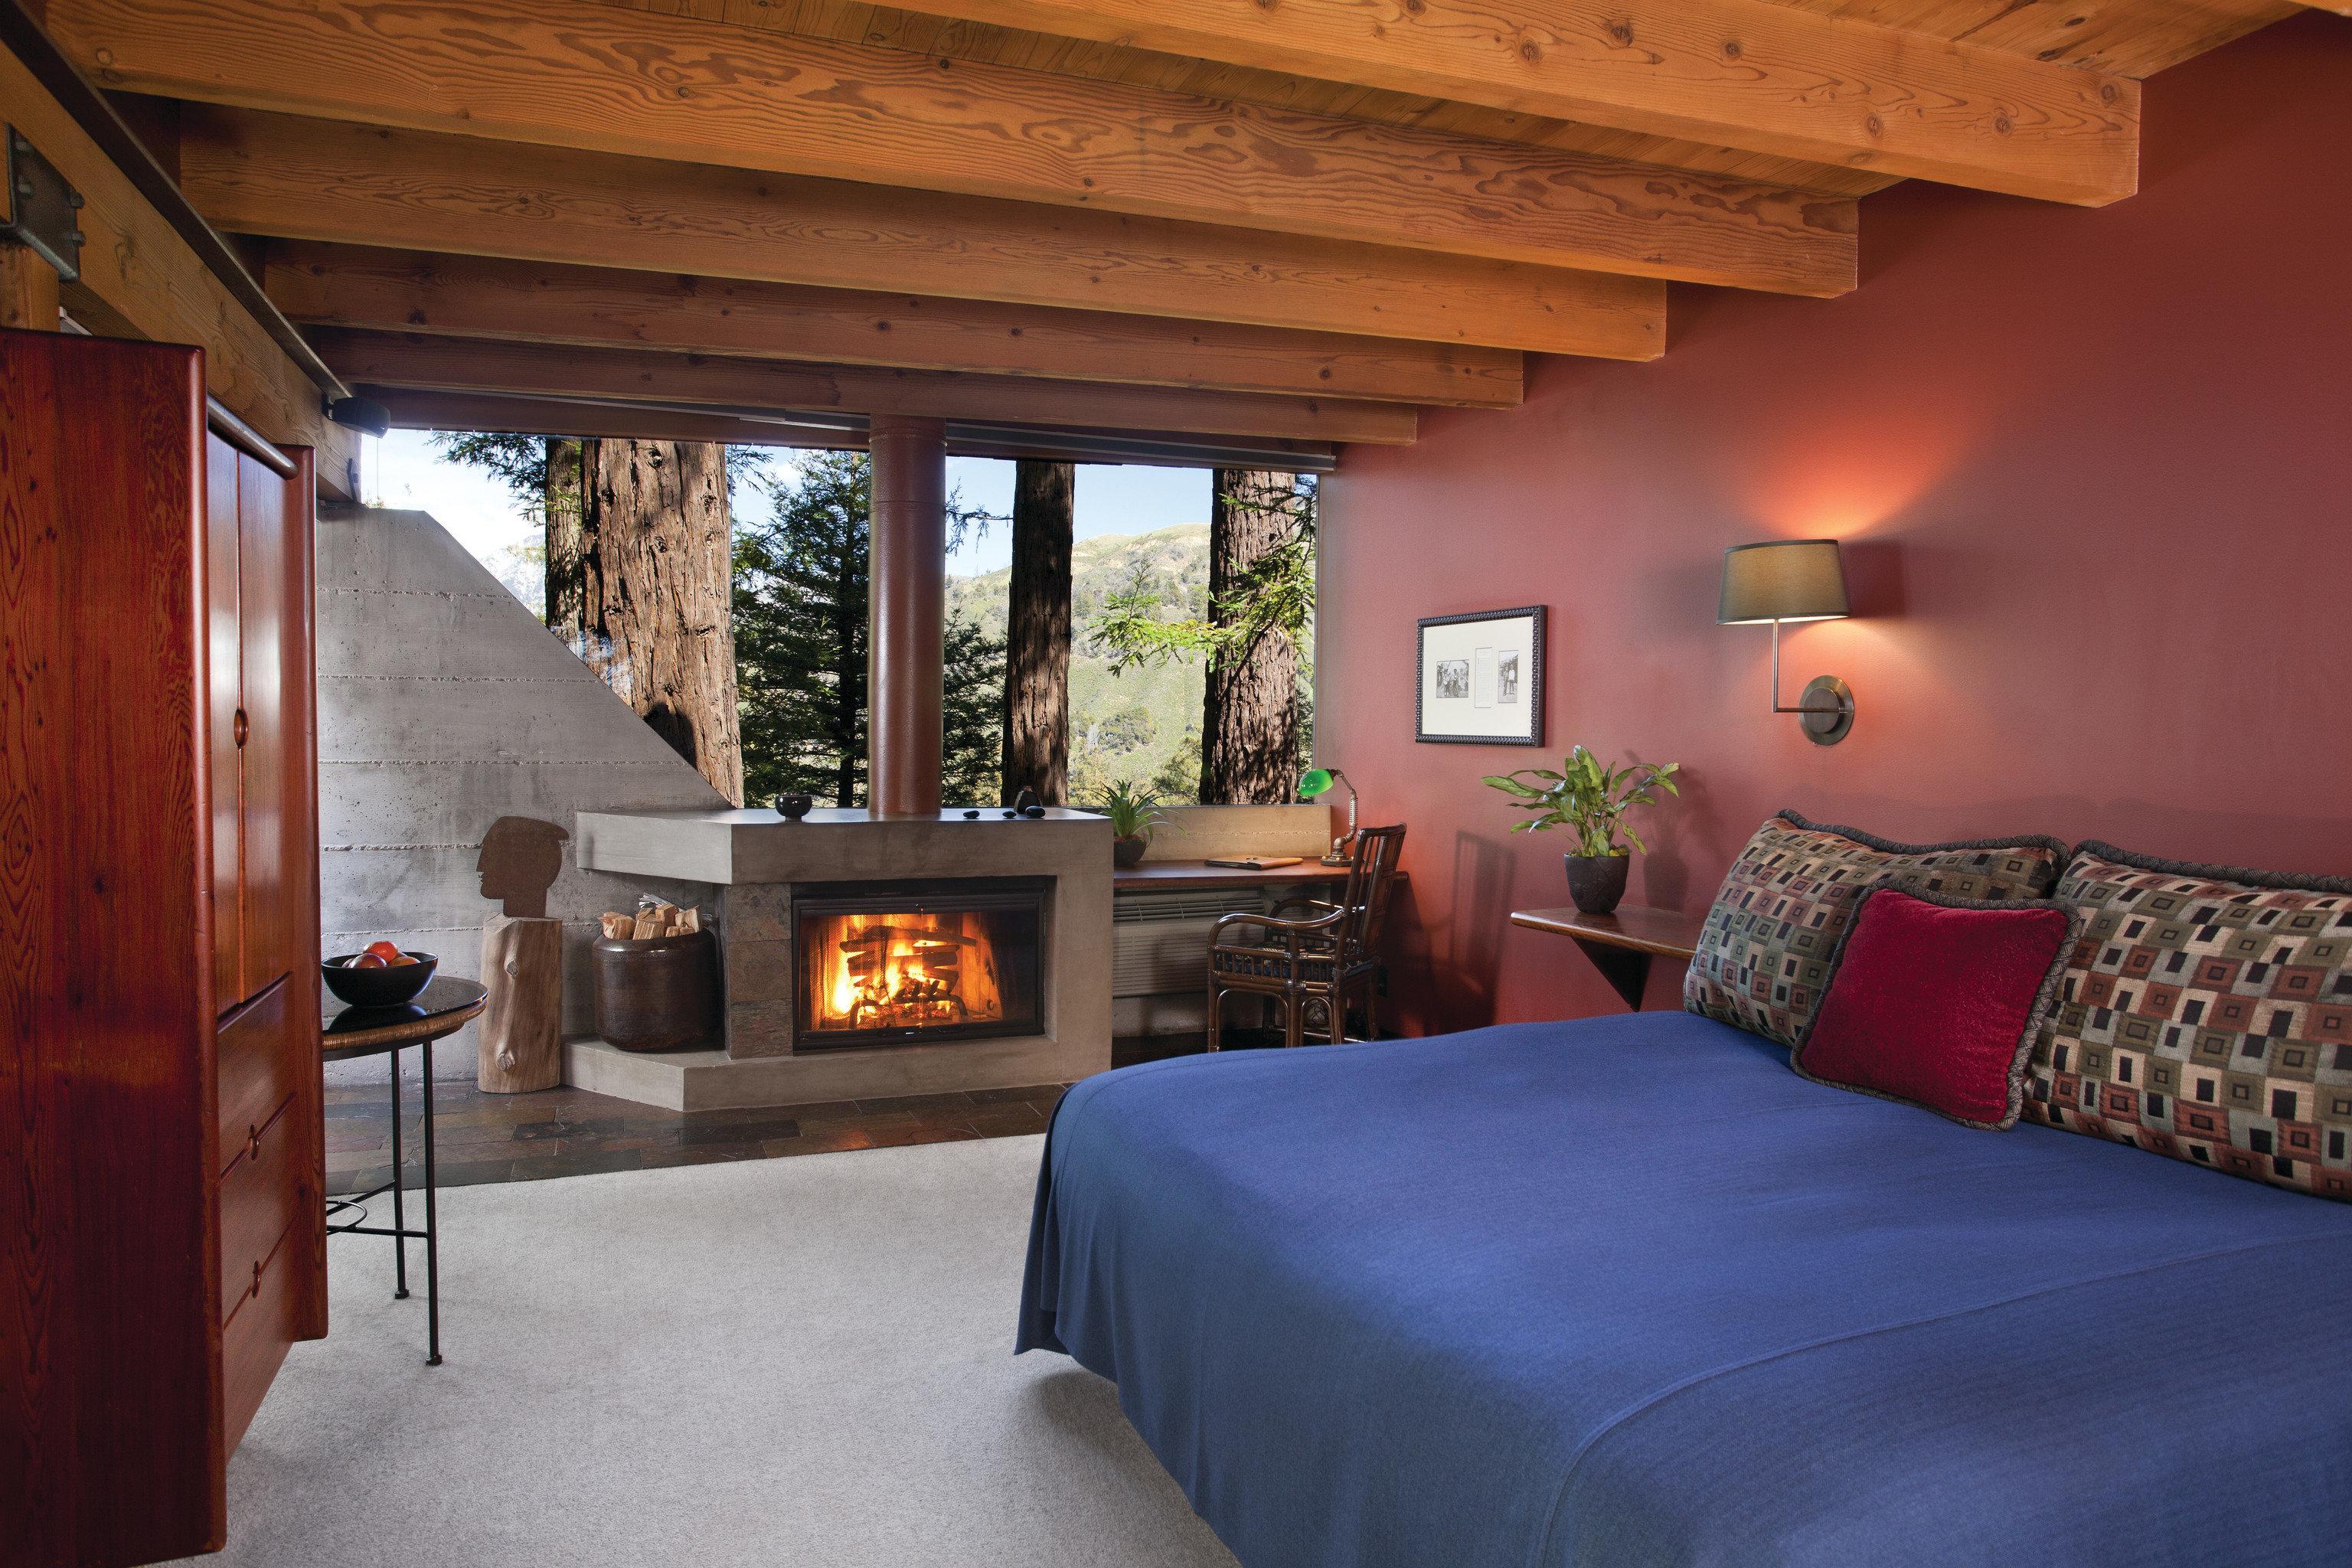 Hotels Trip Ideas indoor room ceiling floor property bed estate cottage home Villa real estate farmhouse living room interior design furniture Bedroom